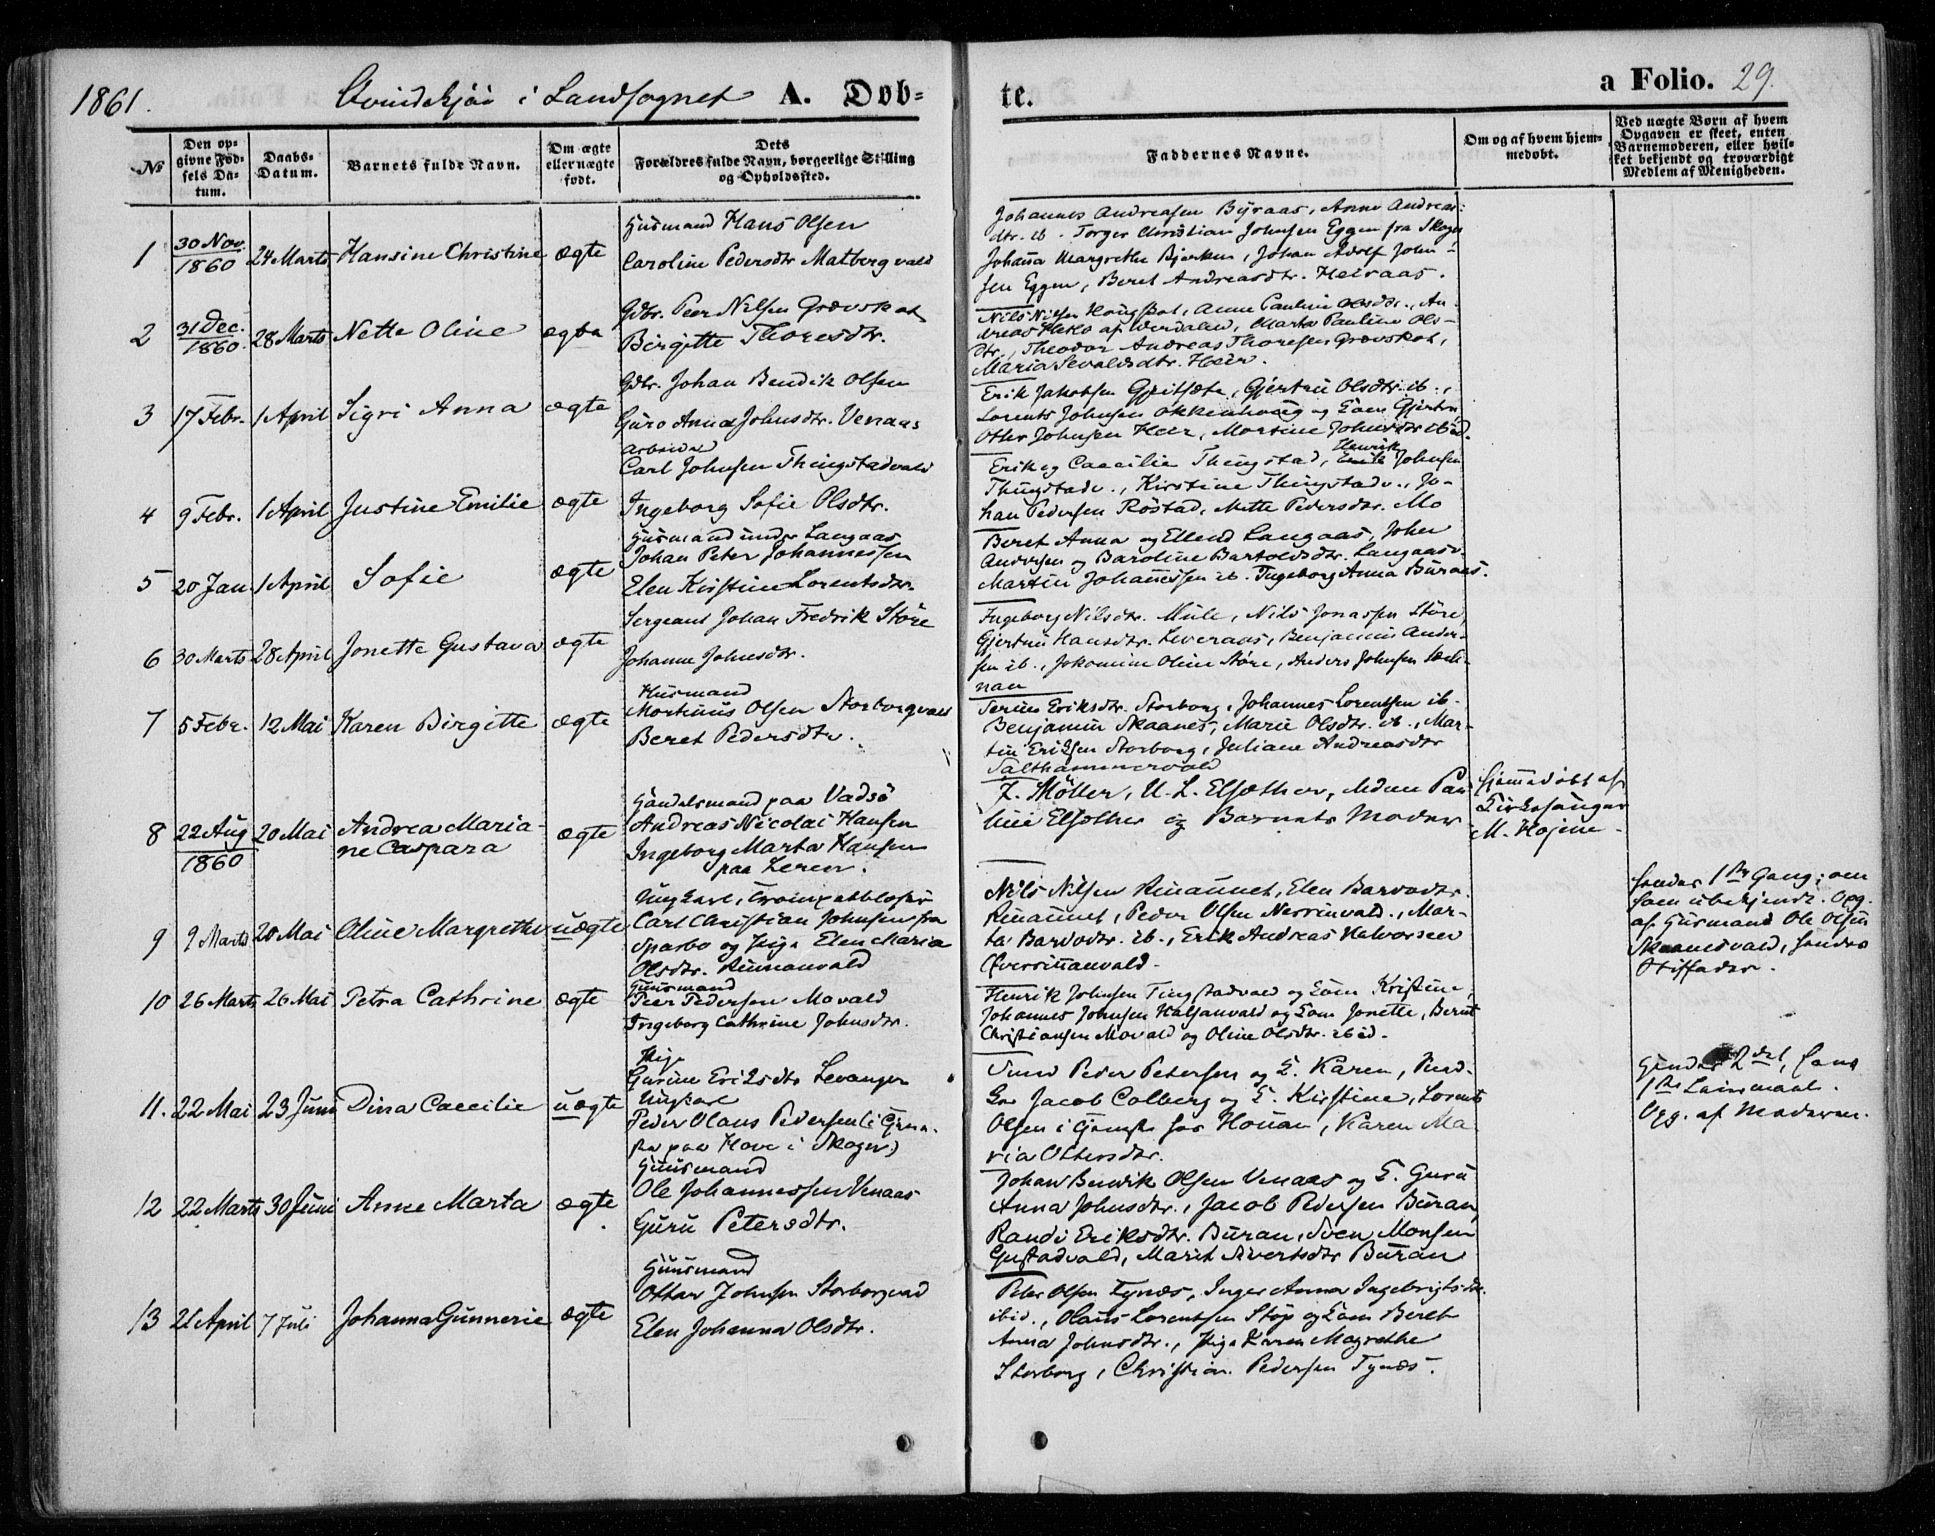 SAT, Ministerialprotokoller, klokkerbøker og fødselsregistre - Nord-Trøndelag, 720/L0184: Ministerialbok nr. 720A02 /2, 1855-1863, s. 29